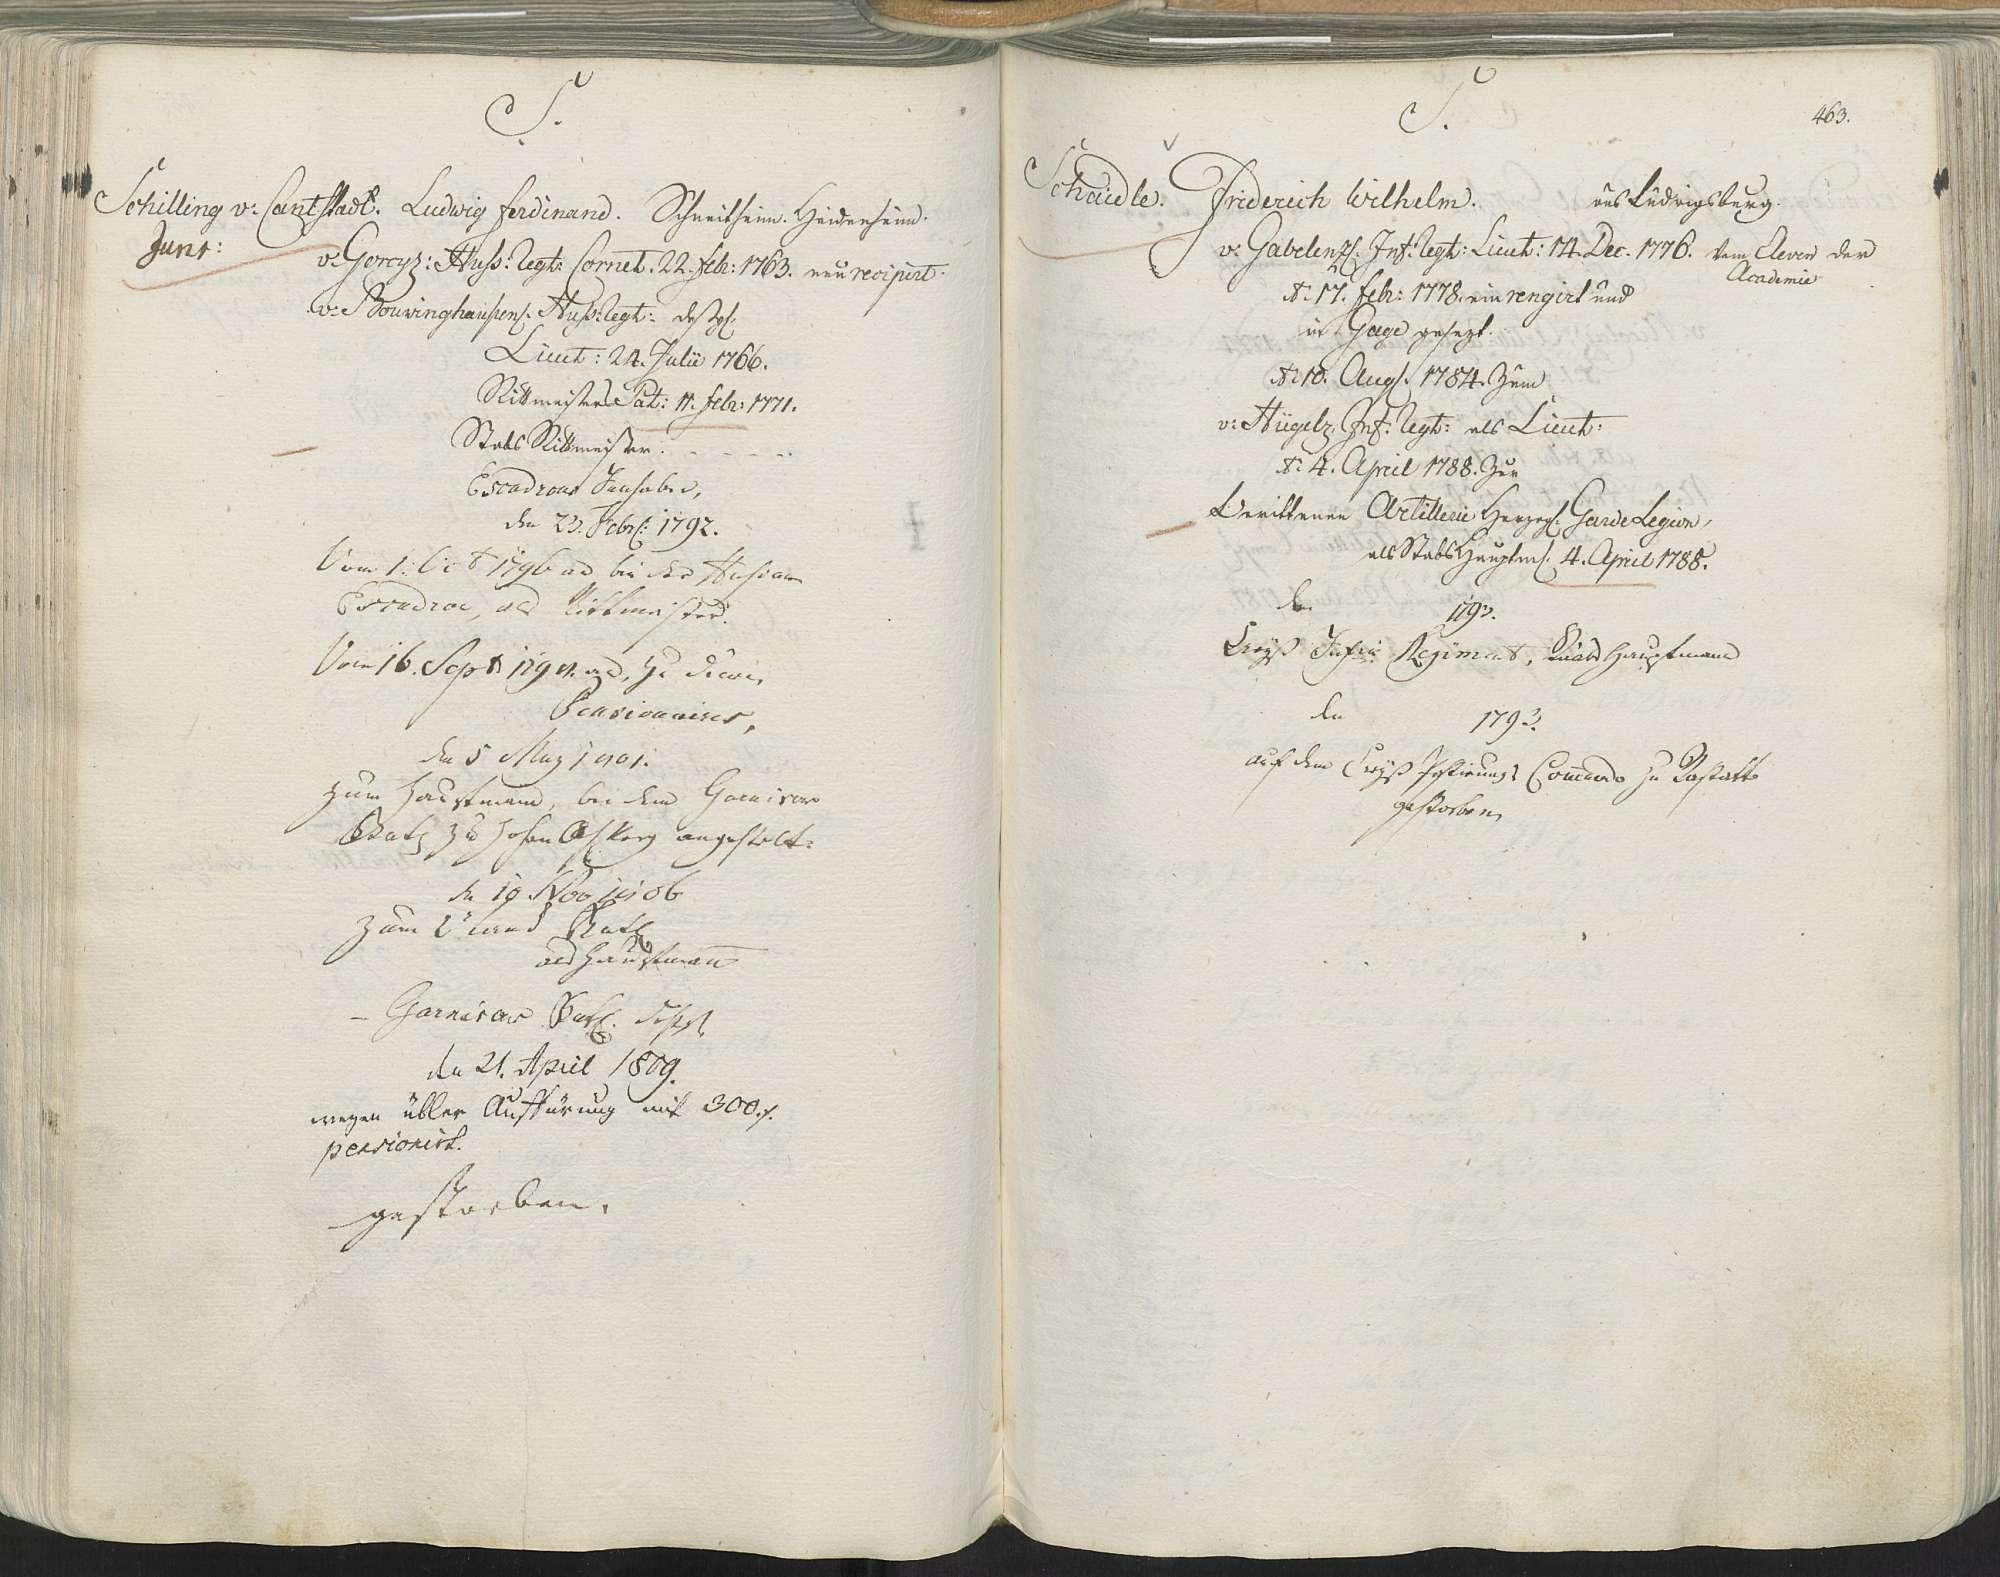 Schilling von Cantstadt, Ludwig Ferdinand, Bild 1